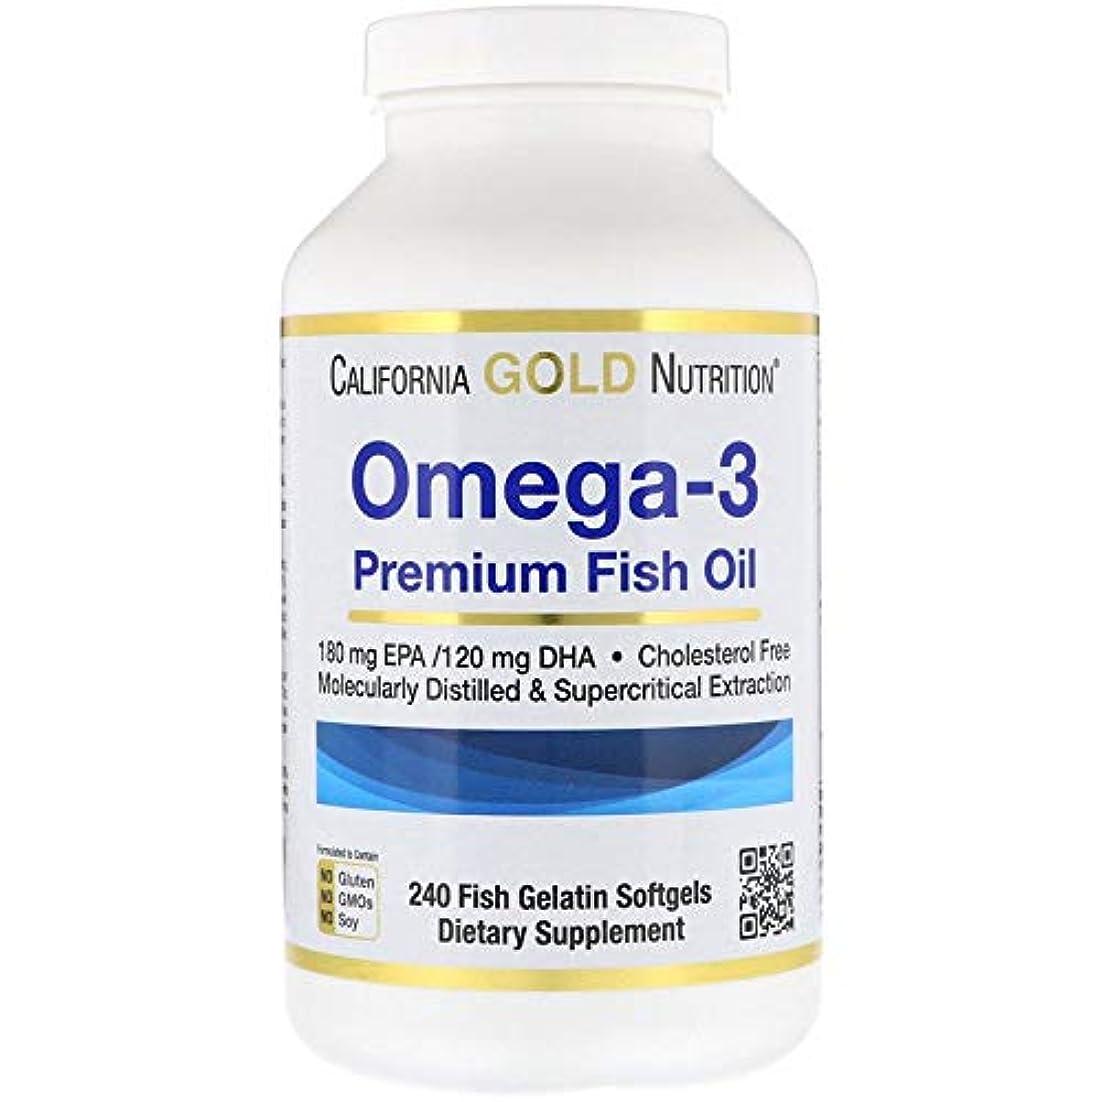 レディ公式に向かってCalifornia Gold Nutrition Omega-3 Premium オメガ3 フィッシュオイル お買い得 240粒 Fish Gelatin Softgels [並行輸入品] FjgBH